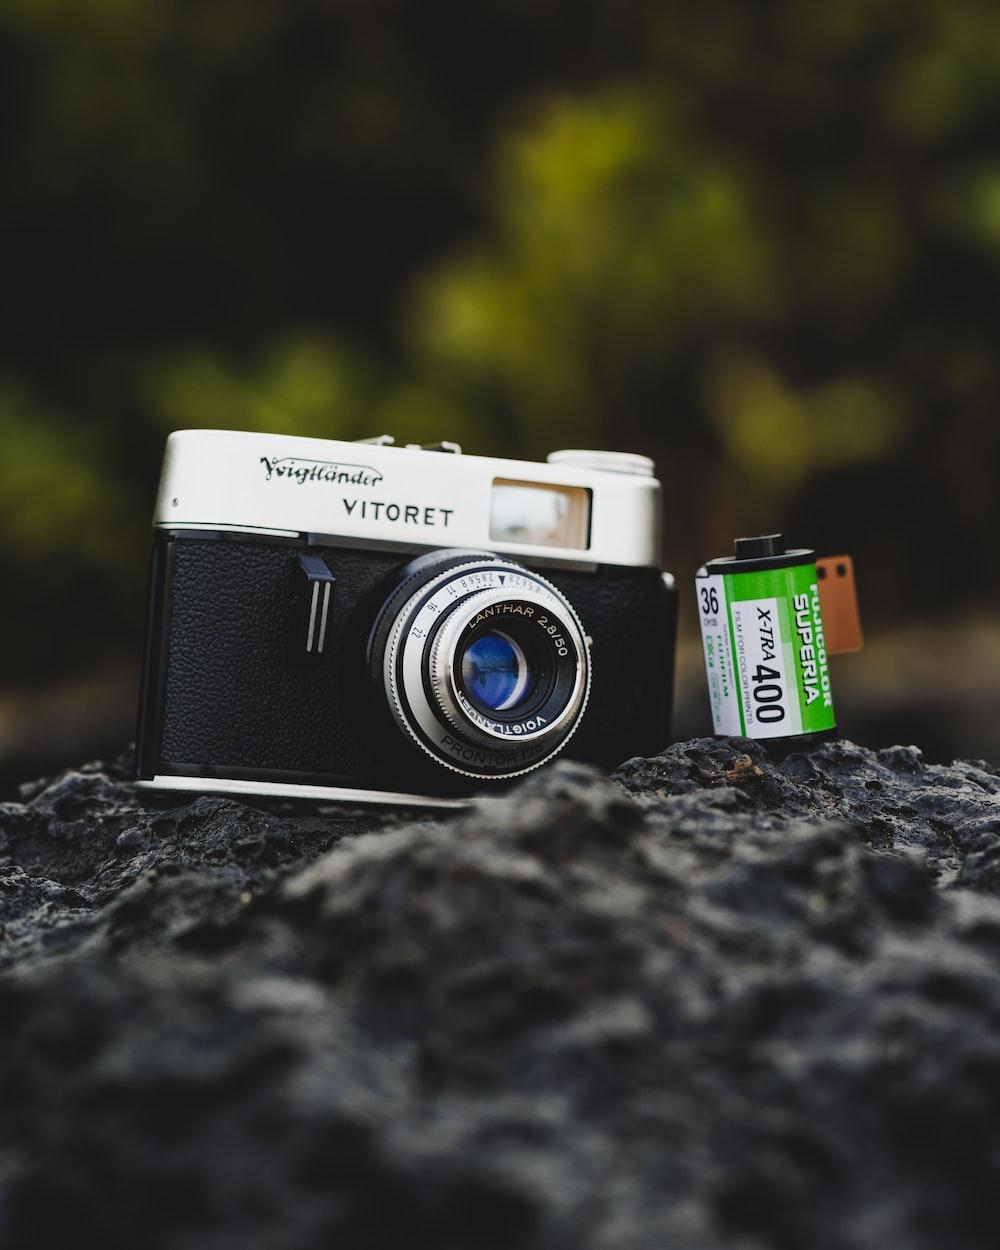 black and silver Vitoret bridge camera near film camera